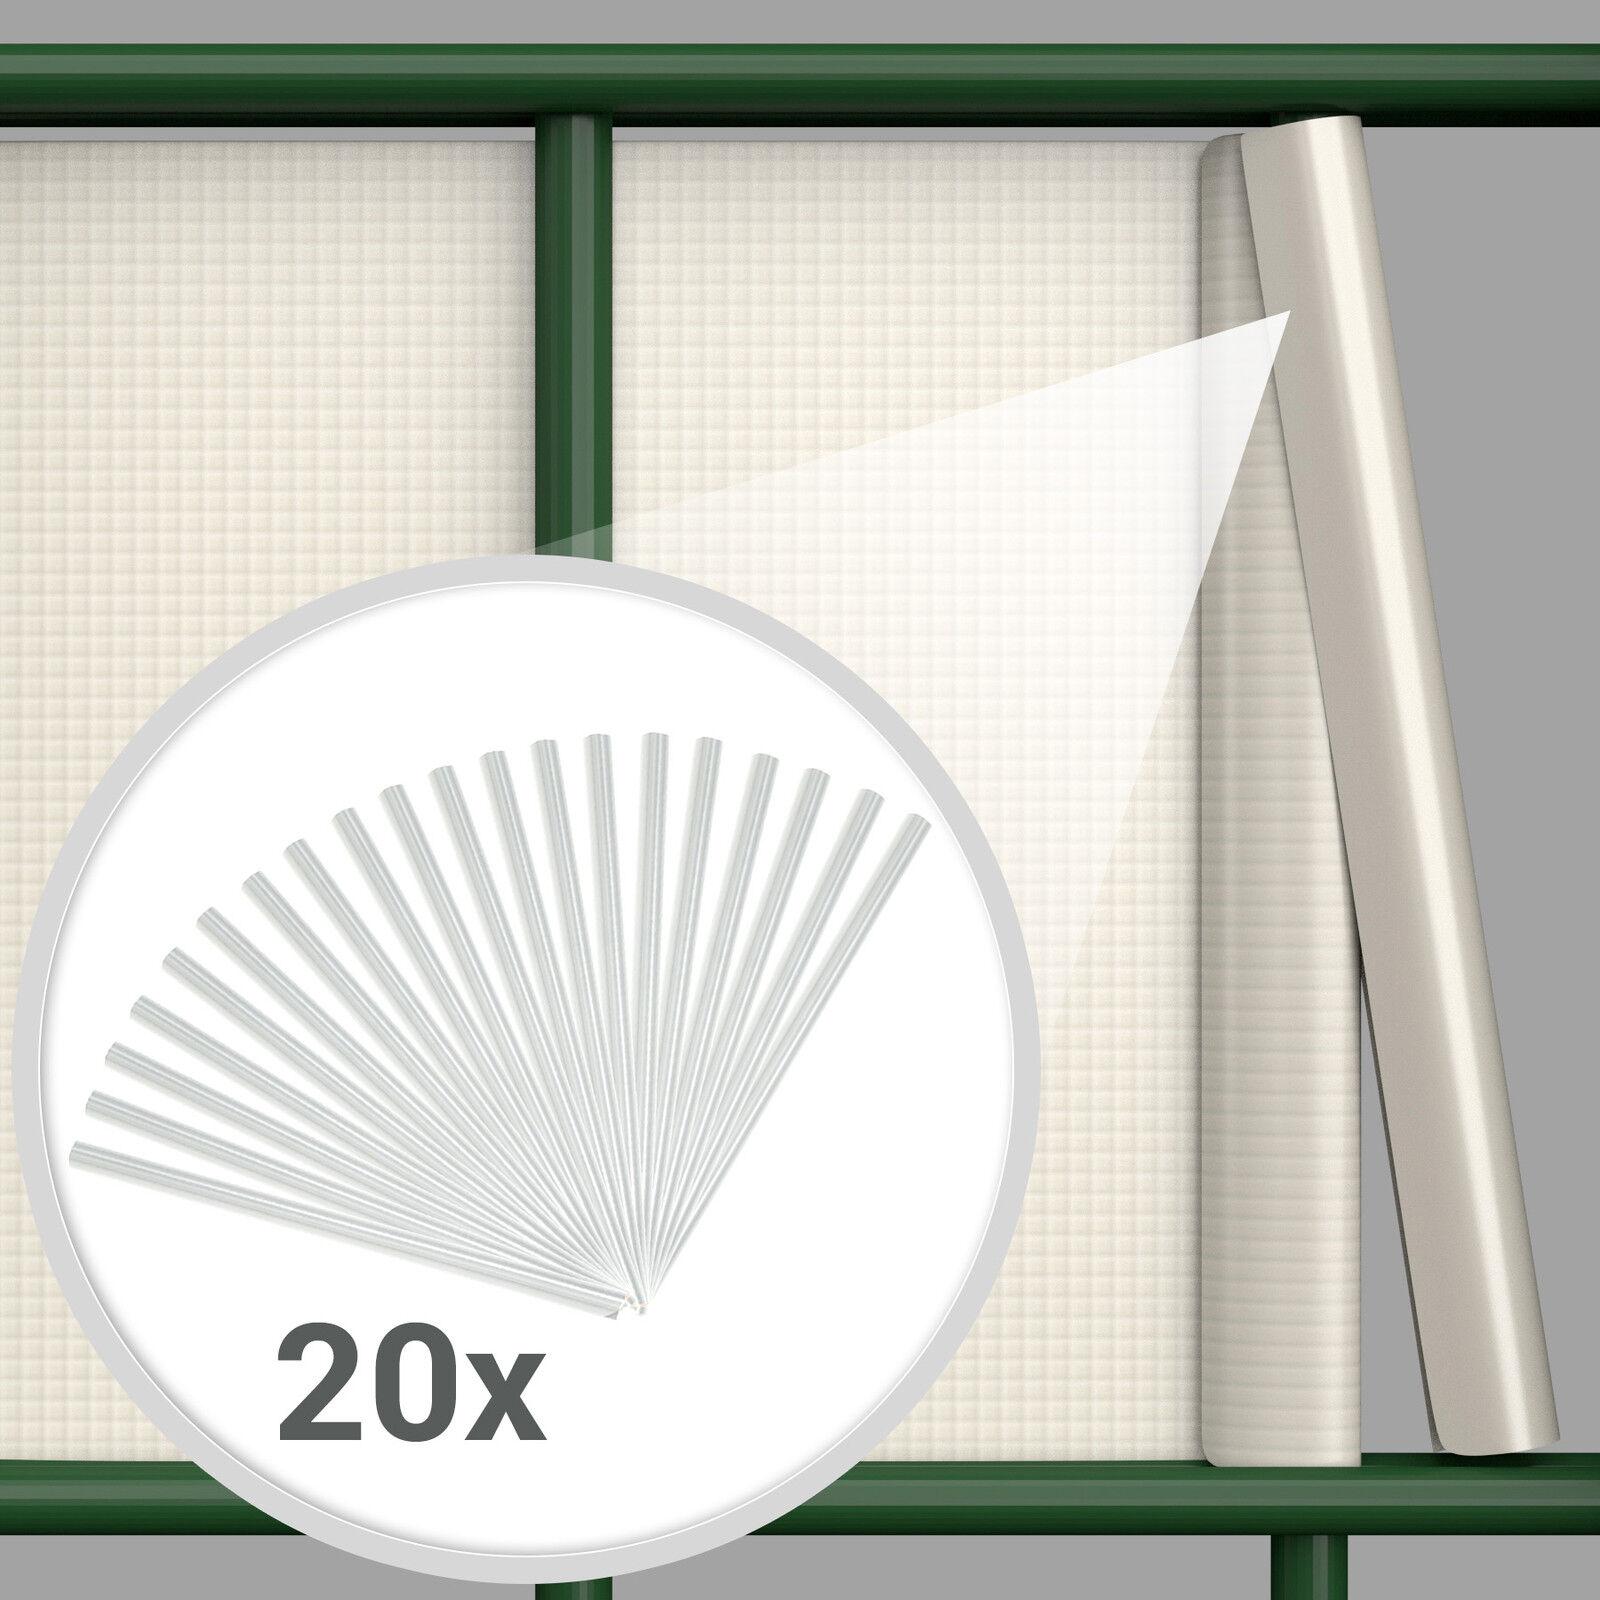 pvc sichtschutz streifen sichtschutzfolie doppelstabmatten zaun schutz 35m holz eur 19 89. Black Bedroom Furniture Sets. Home Design Ideas